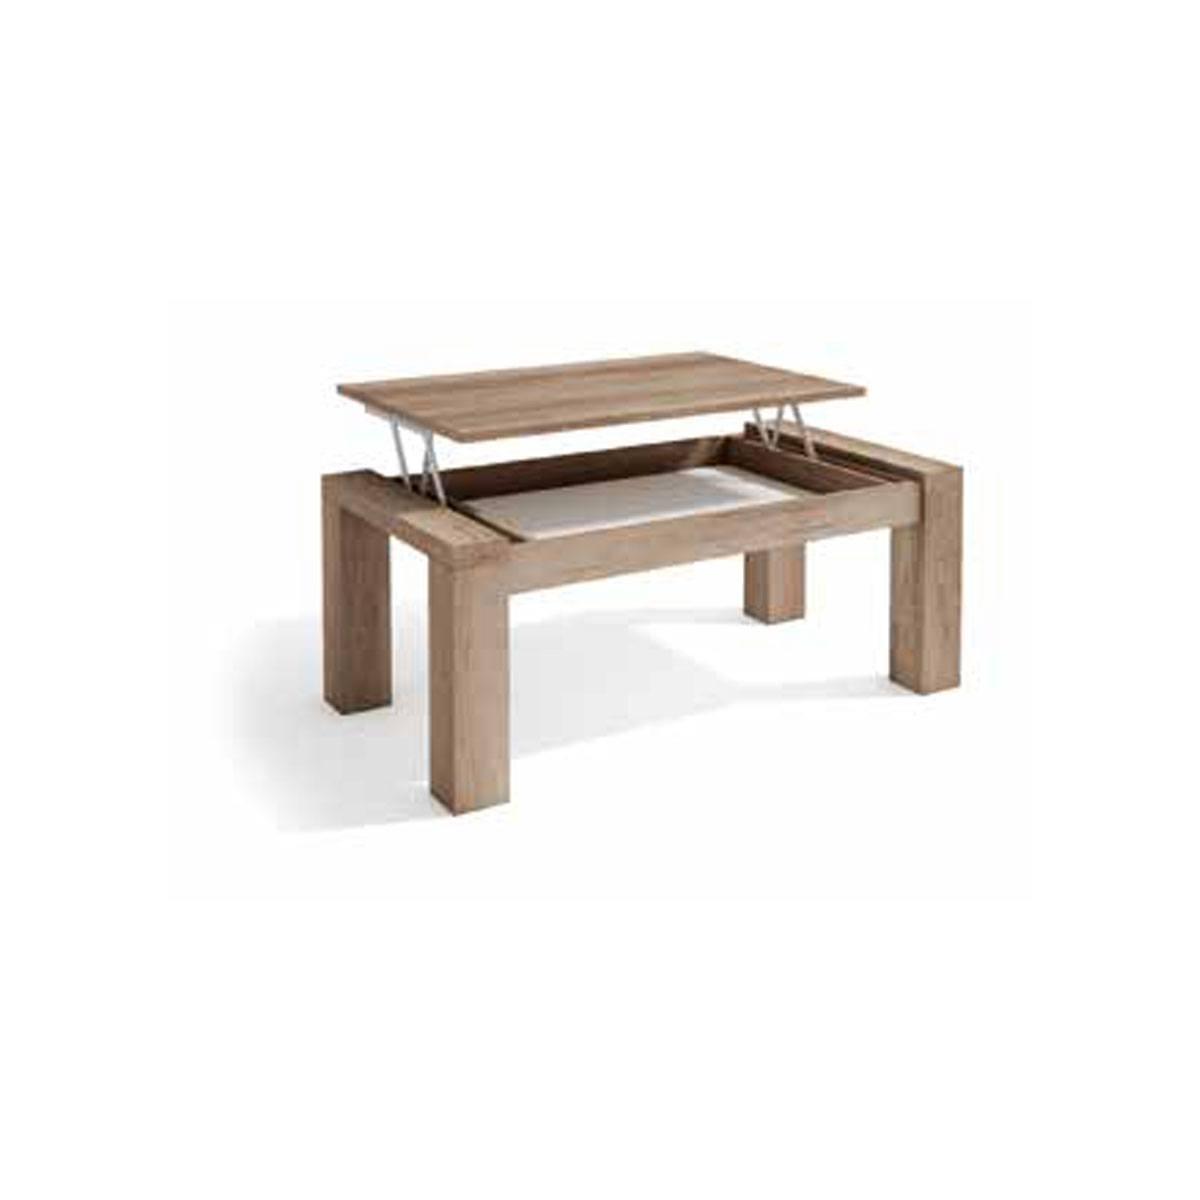 Mesa de centro elevable 110cm. Comprar mesas elevables